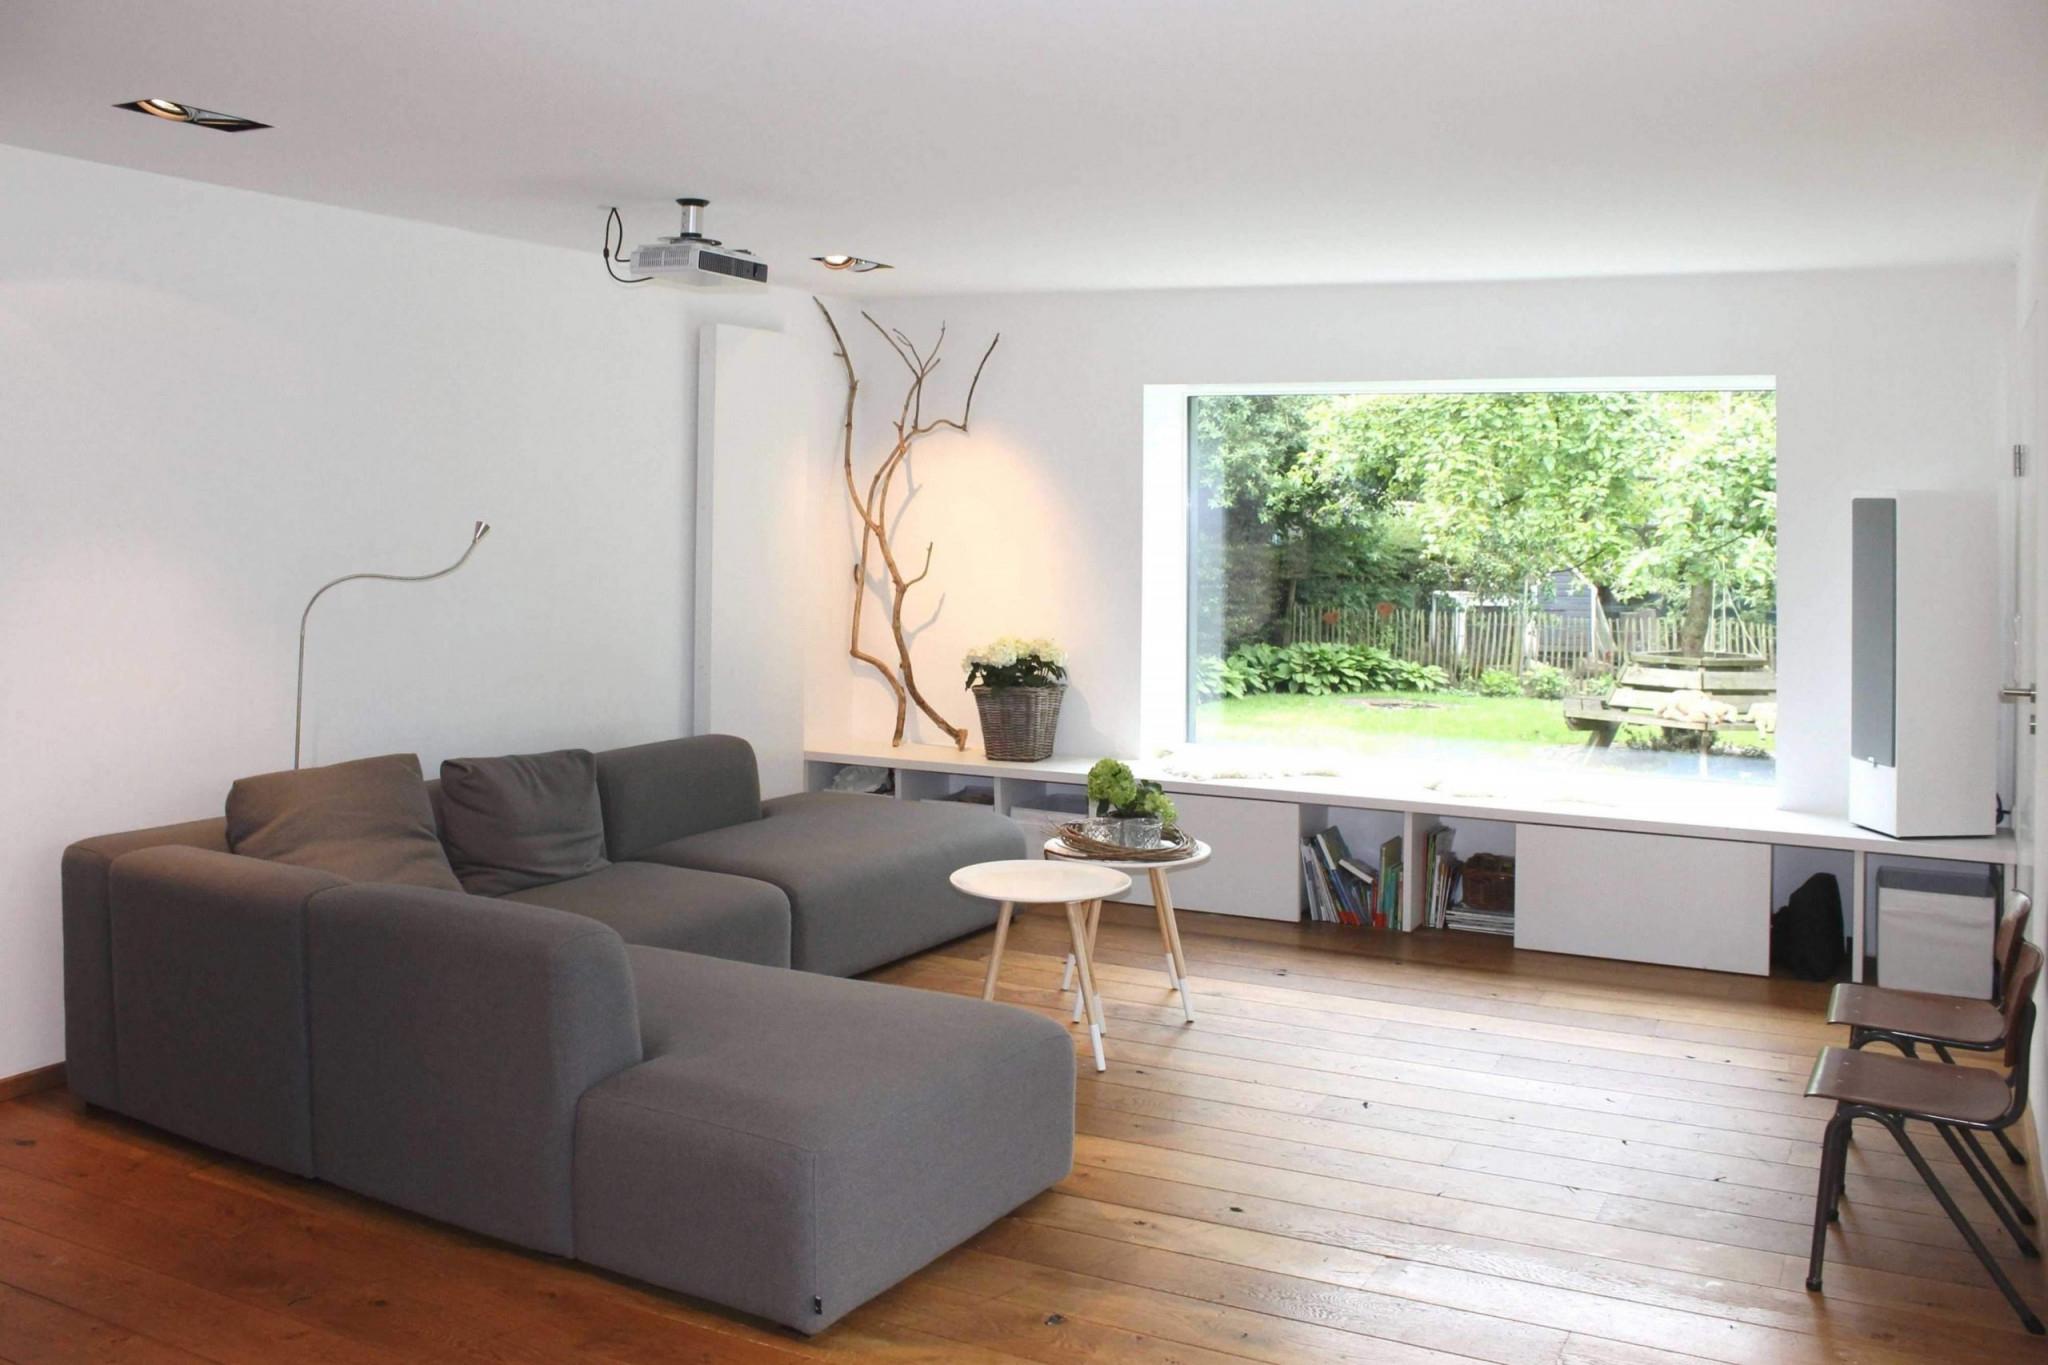 27 Elegant Leinwandbilder Wohnzimmer Genial  Wohnzimmer Frisch von Moderne Leinwandbilder Wohnzimmer Bild